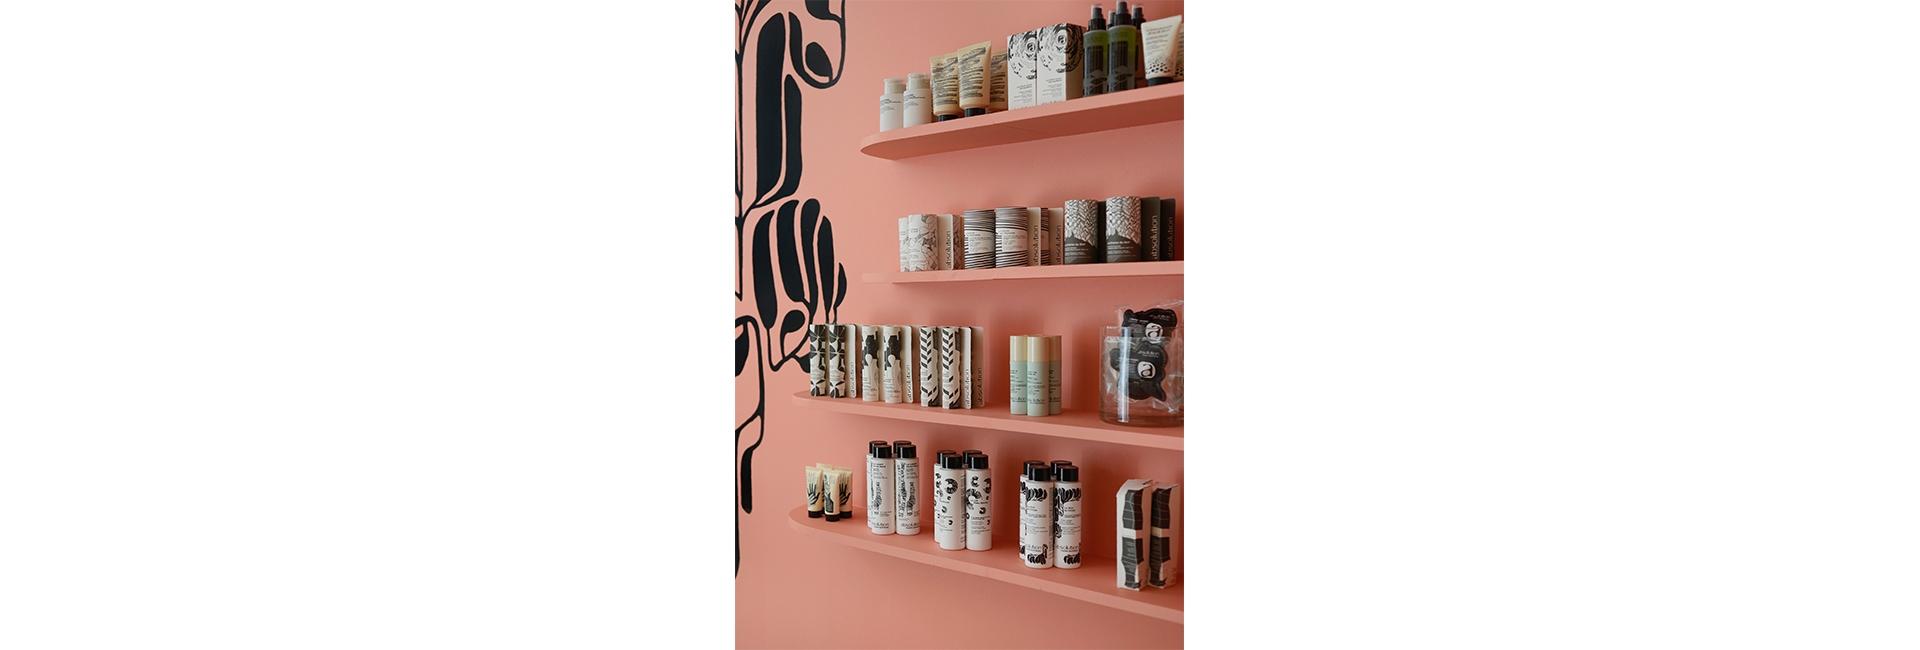 absolution-boutique-espace-produit-blog-beaute-soin-parfum-homme